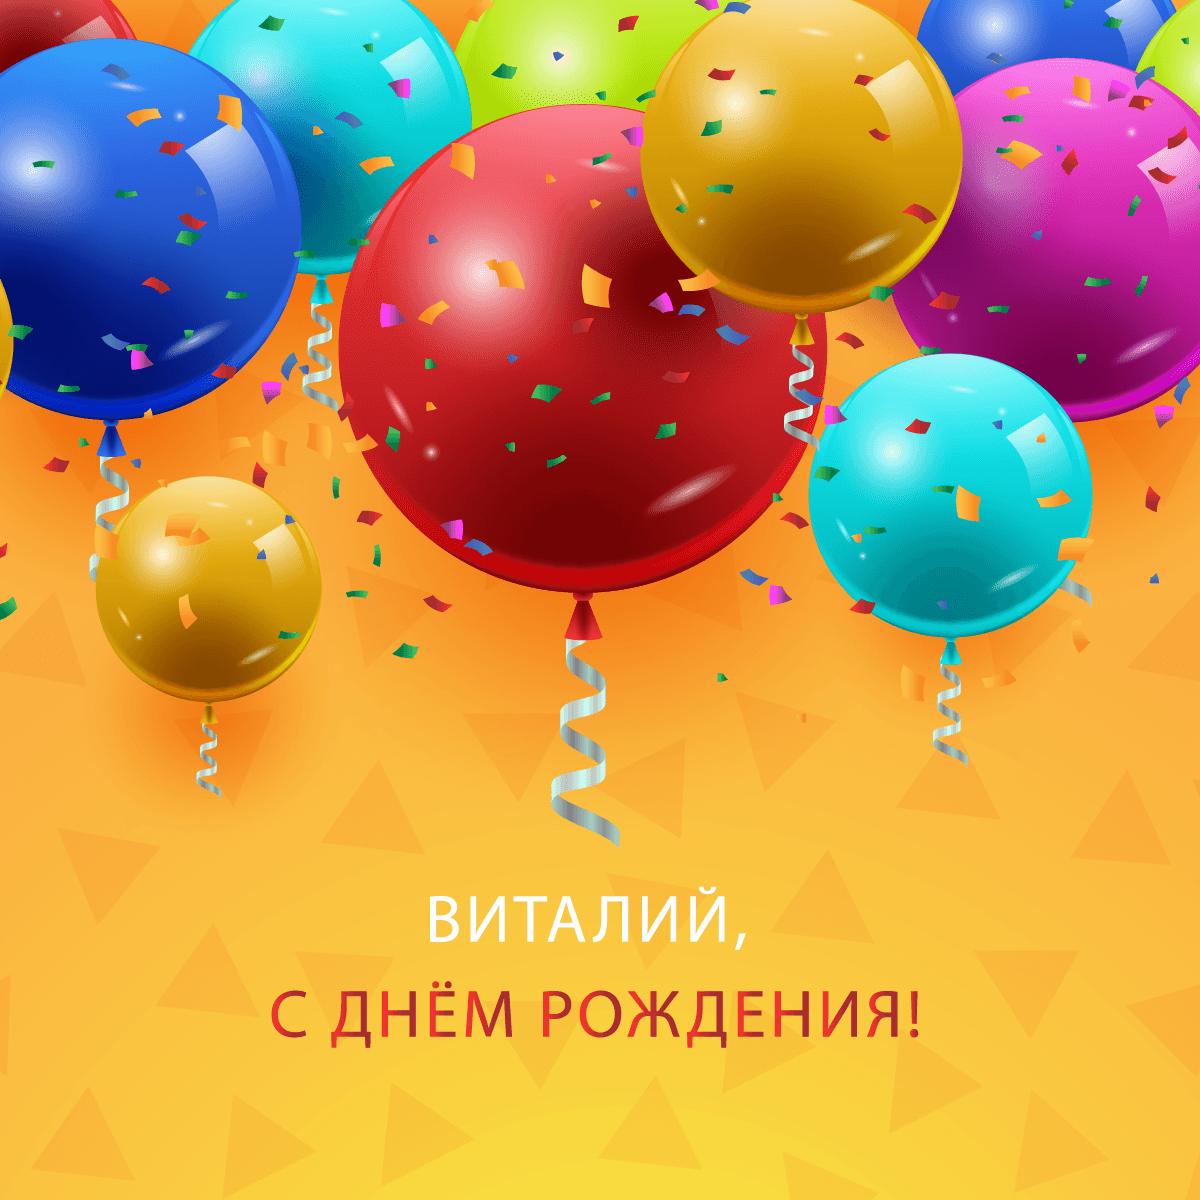 Виталик с днем рождения картинка